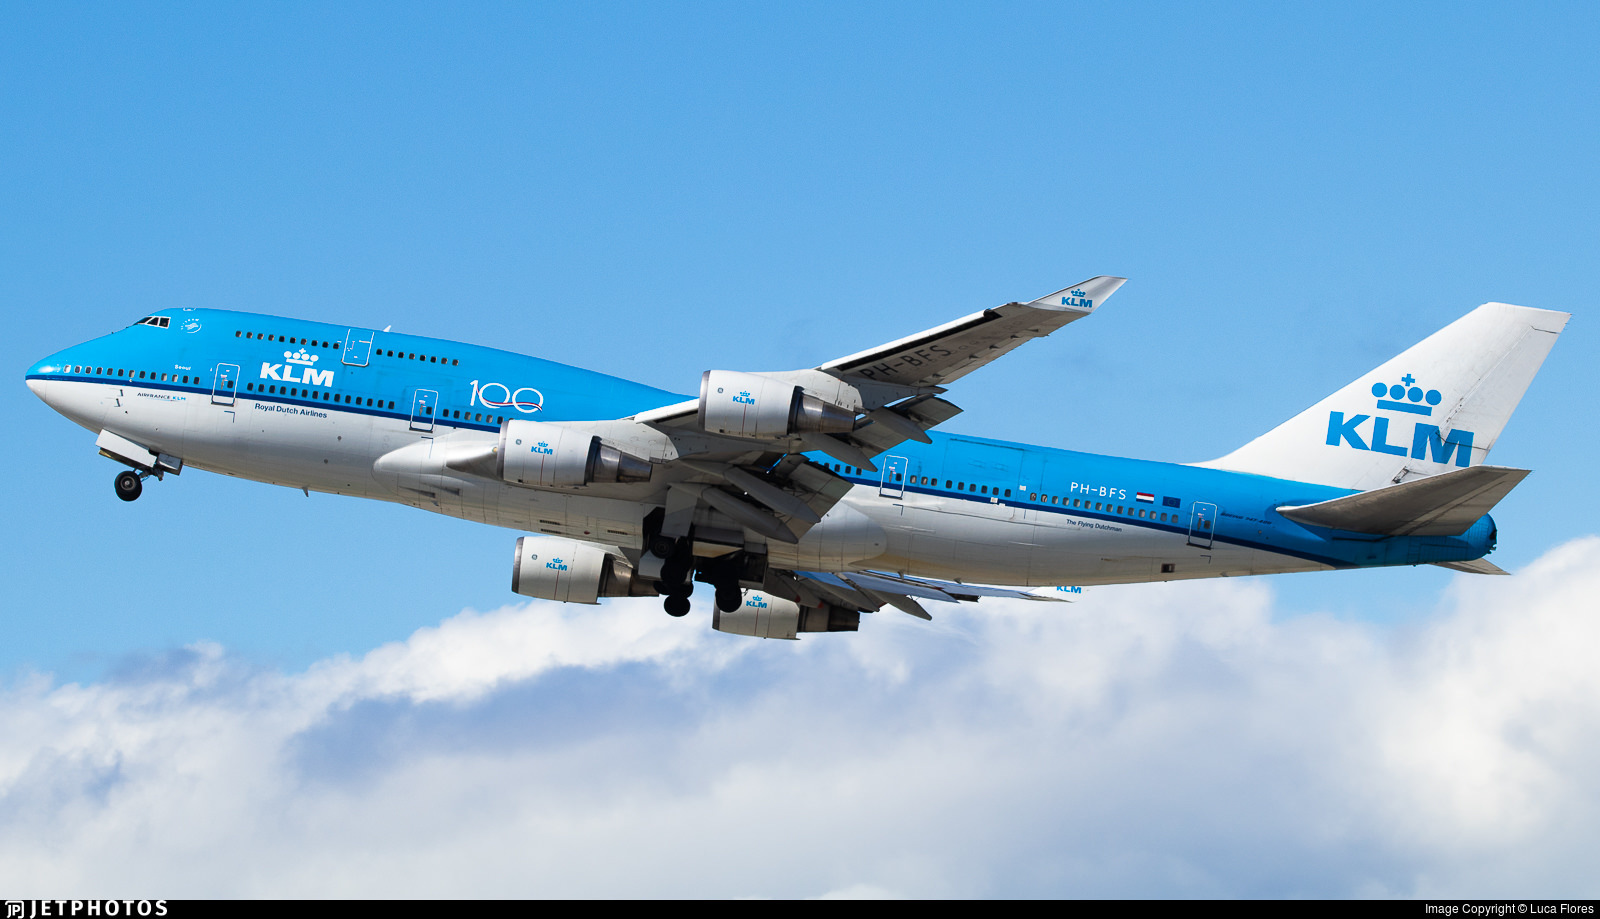 KLM 747 combi